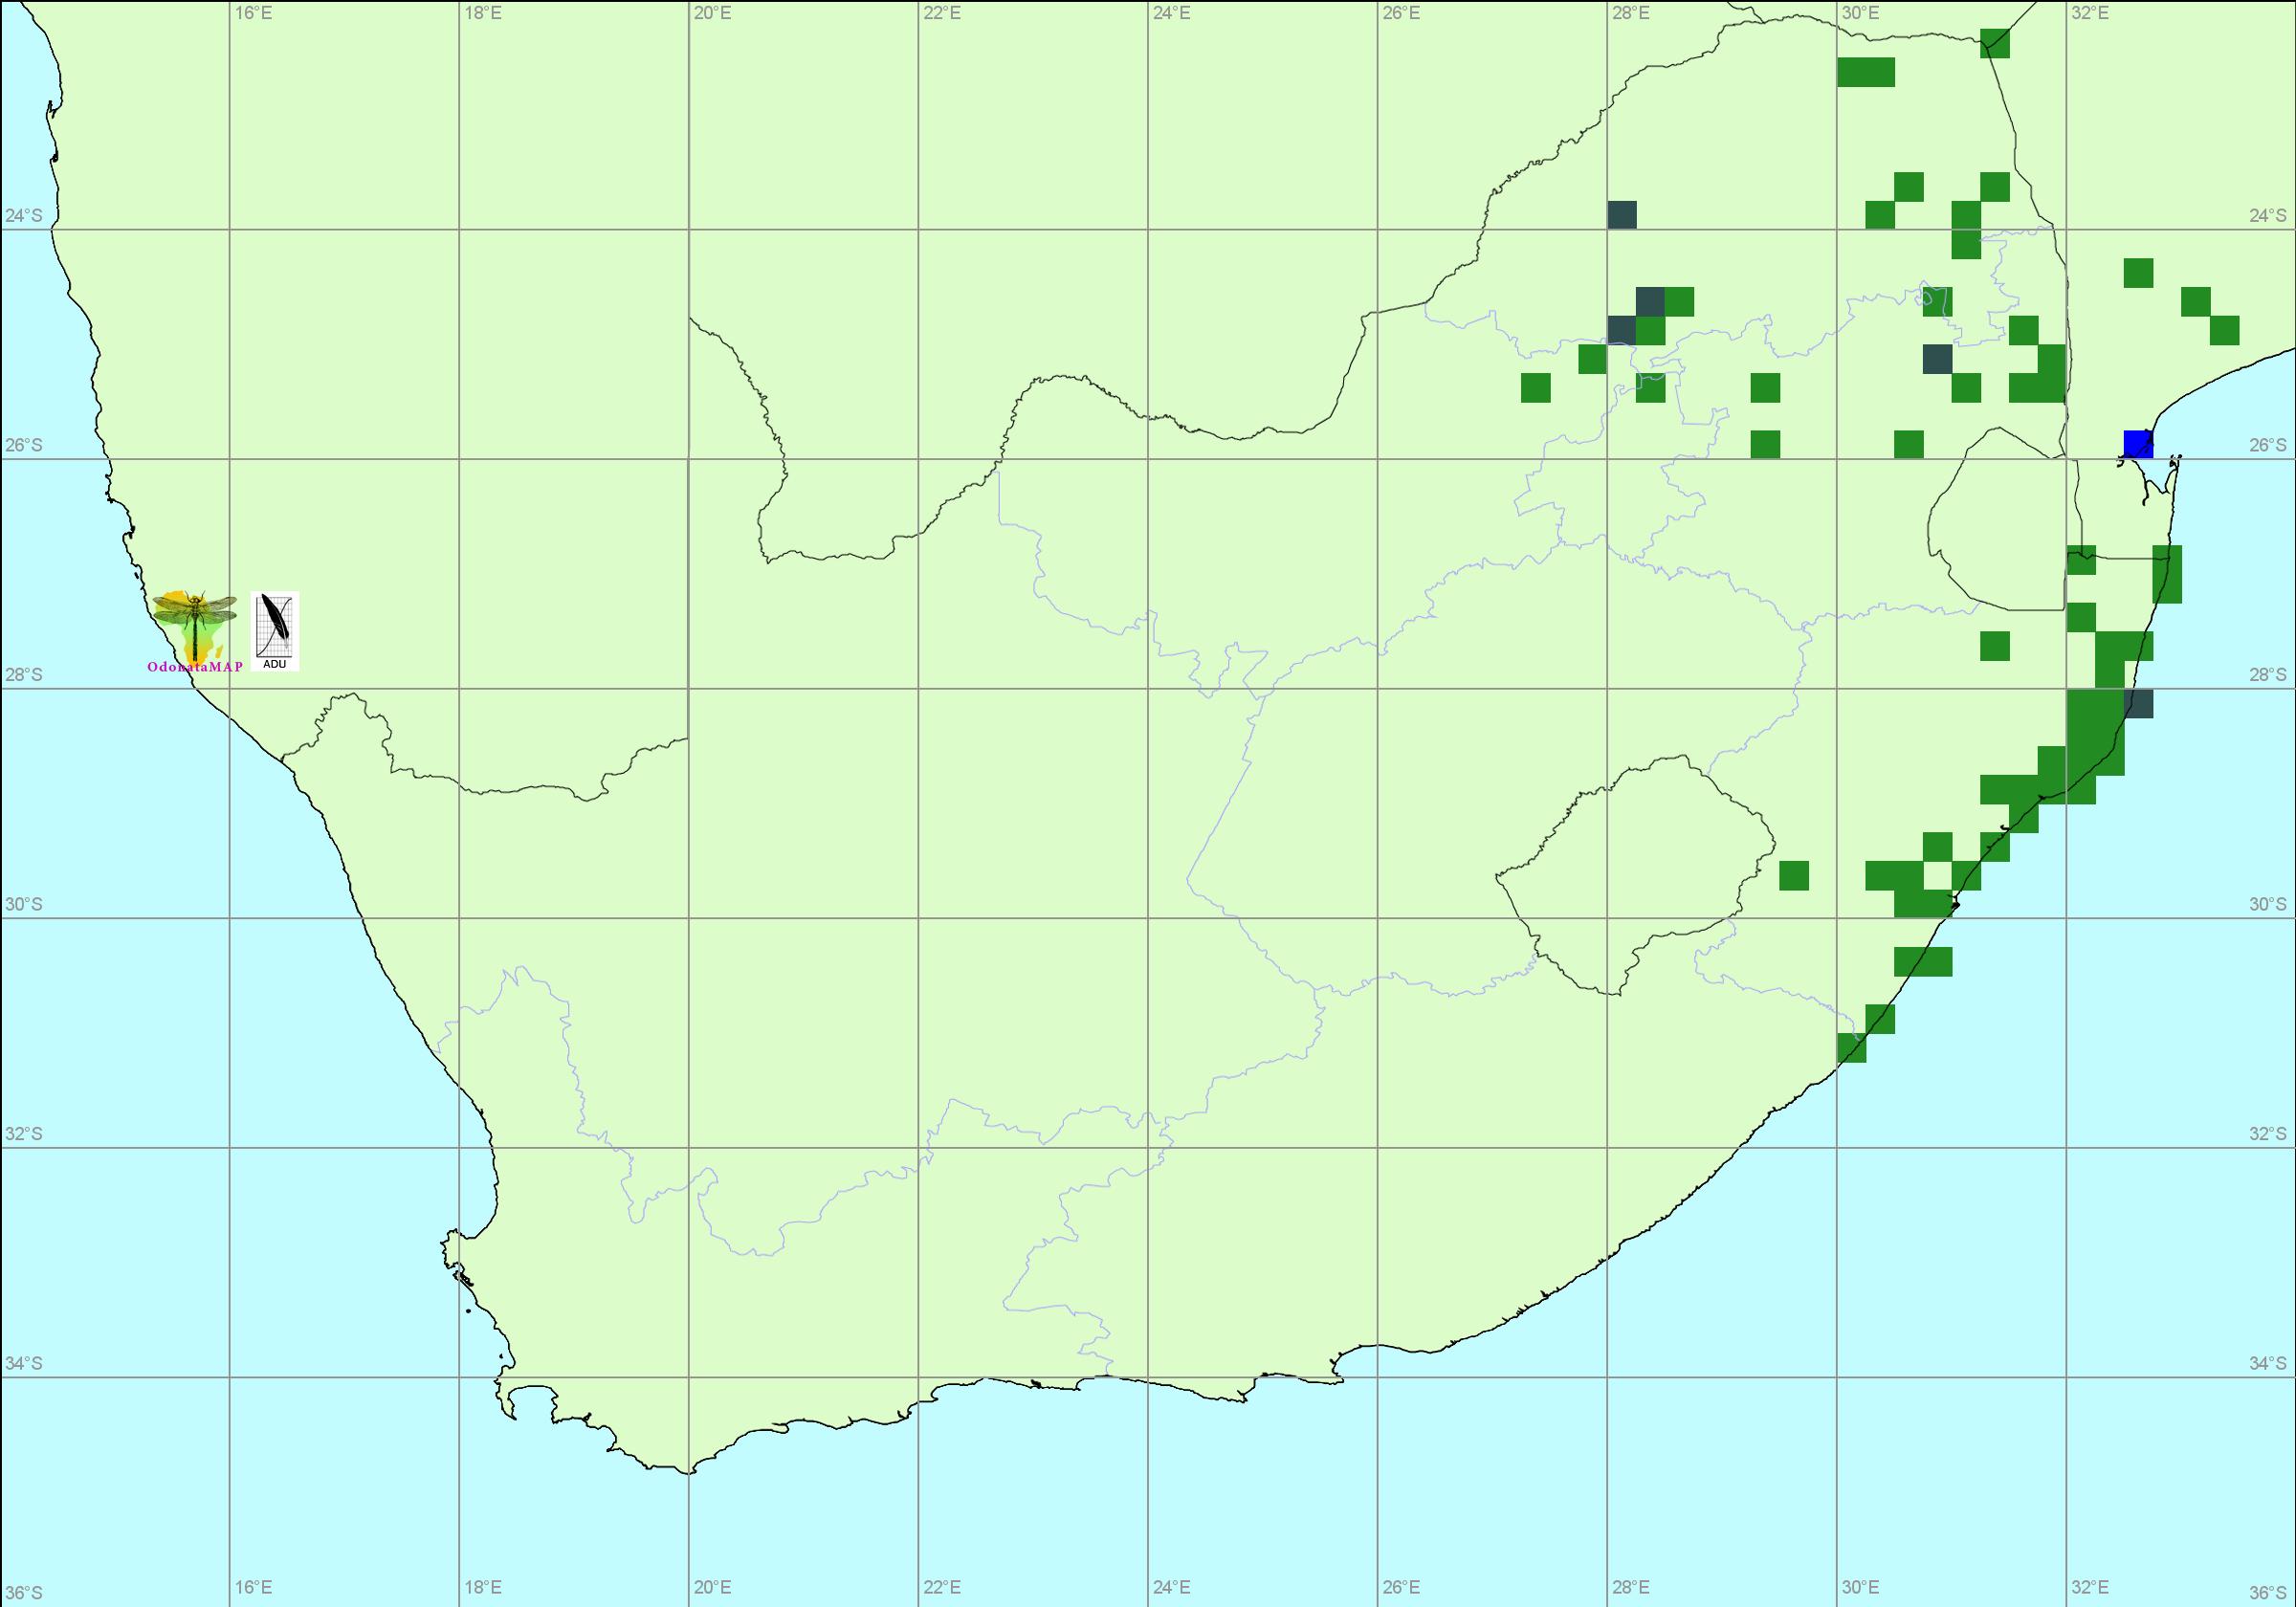 http://vmus.adu.org.za/vm_map_afr.php?&database=odonata&grid=2&outline=1&key=0&map=3&spp=666770